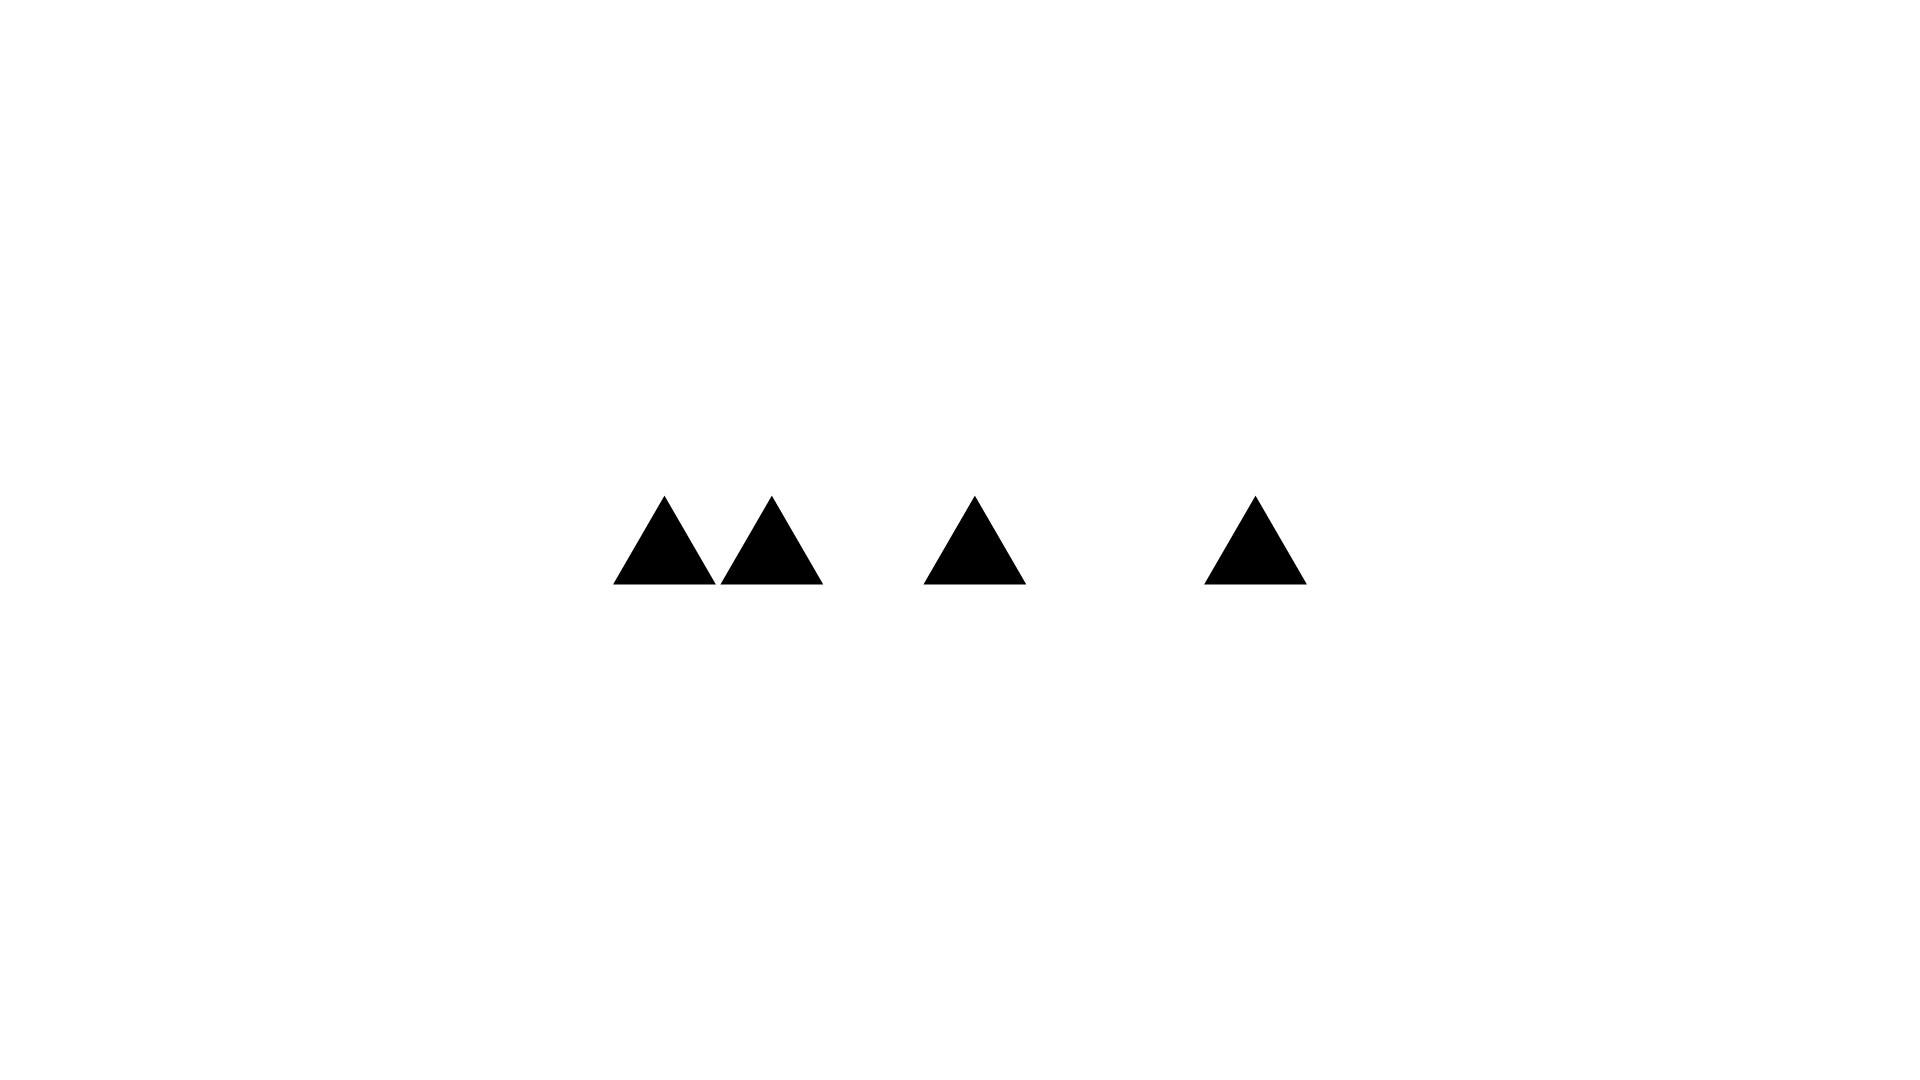 Black Aakasha logo on white background